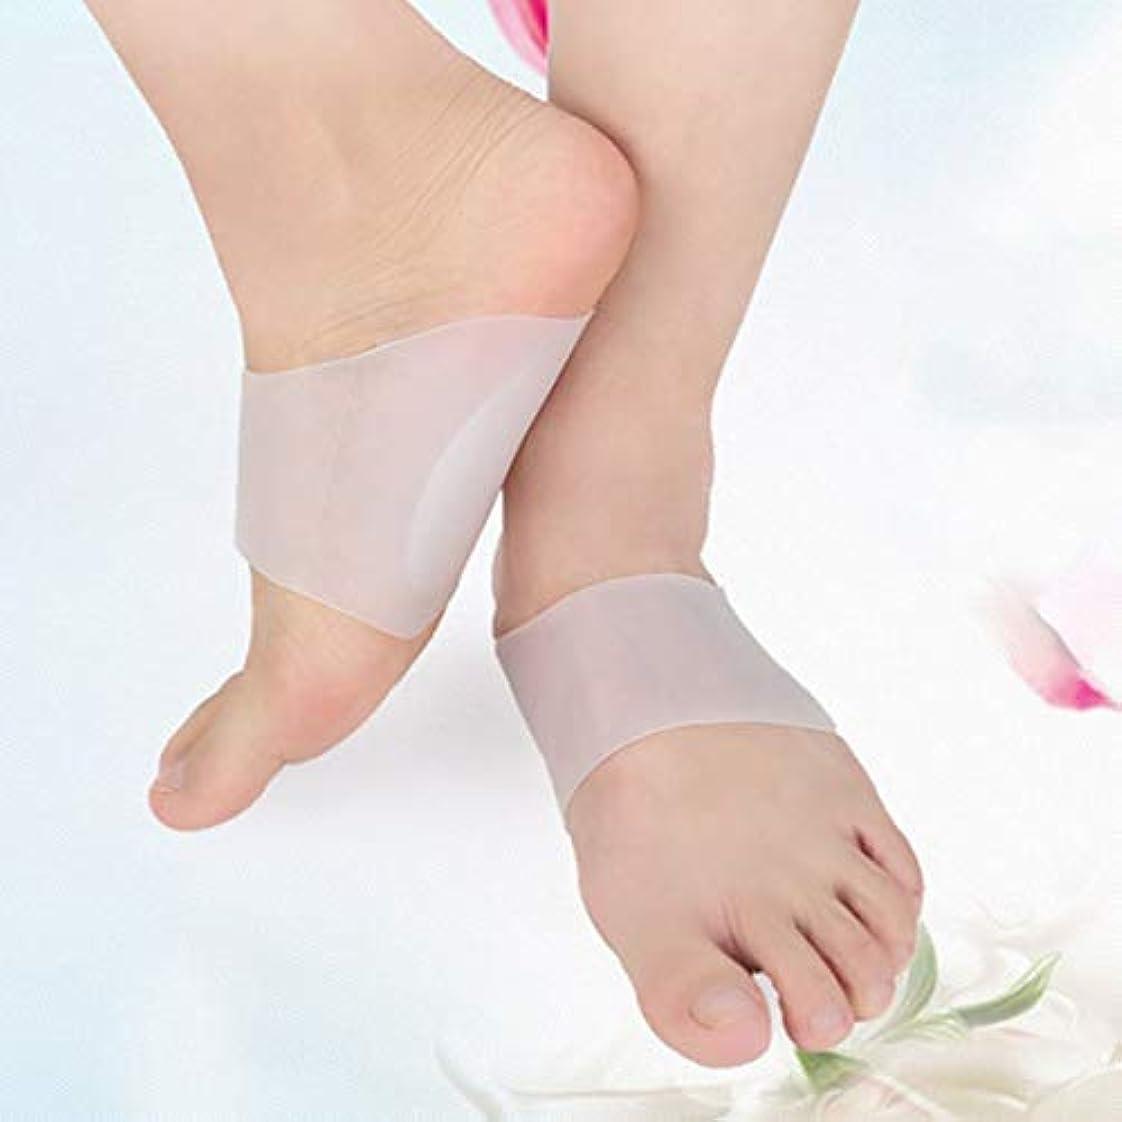 ワークショップ珍しいラベンダー1ペアアーチサポートジェル足底筋膜炎用ソフトジェルスリーブサポートフラットフットサポート痛みを軽減フットケア男性用女性用 (PandaWelly)